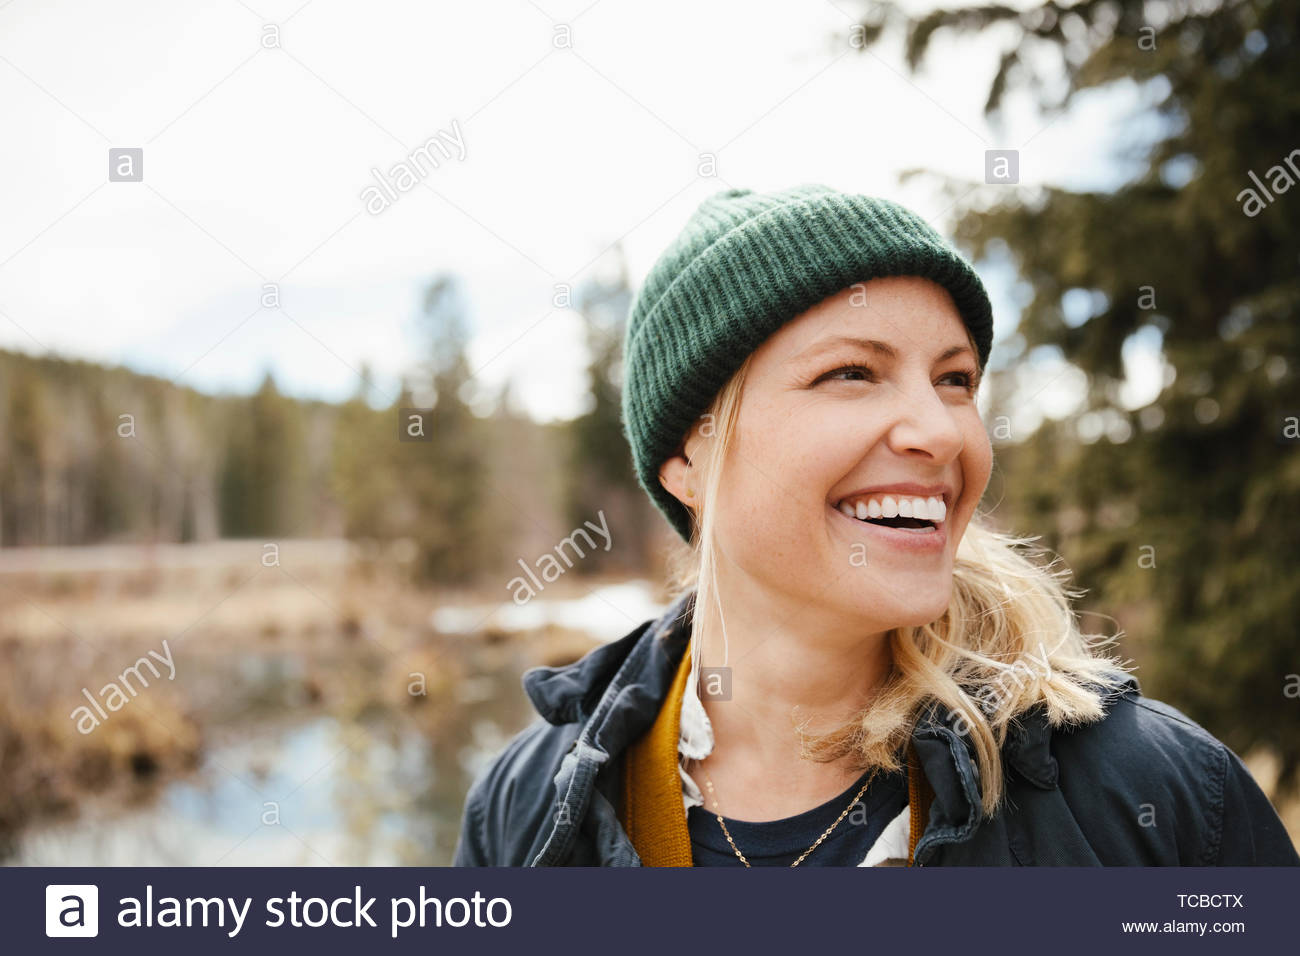 Glückliche, unbeschwerte Frau Wandern in Wäldern Stockbild